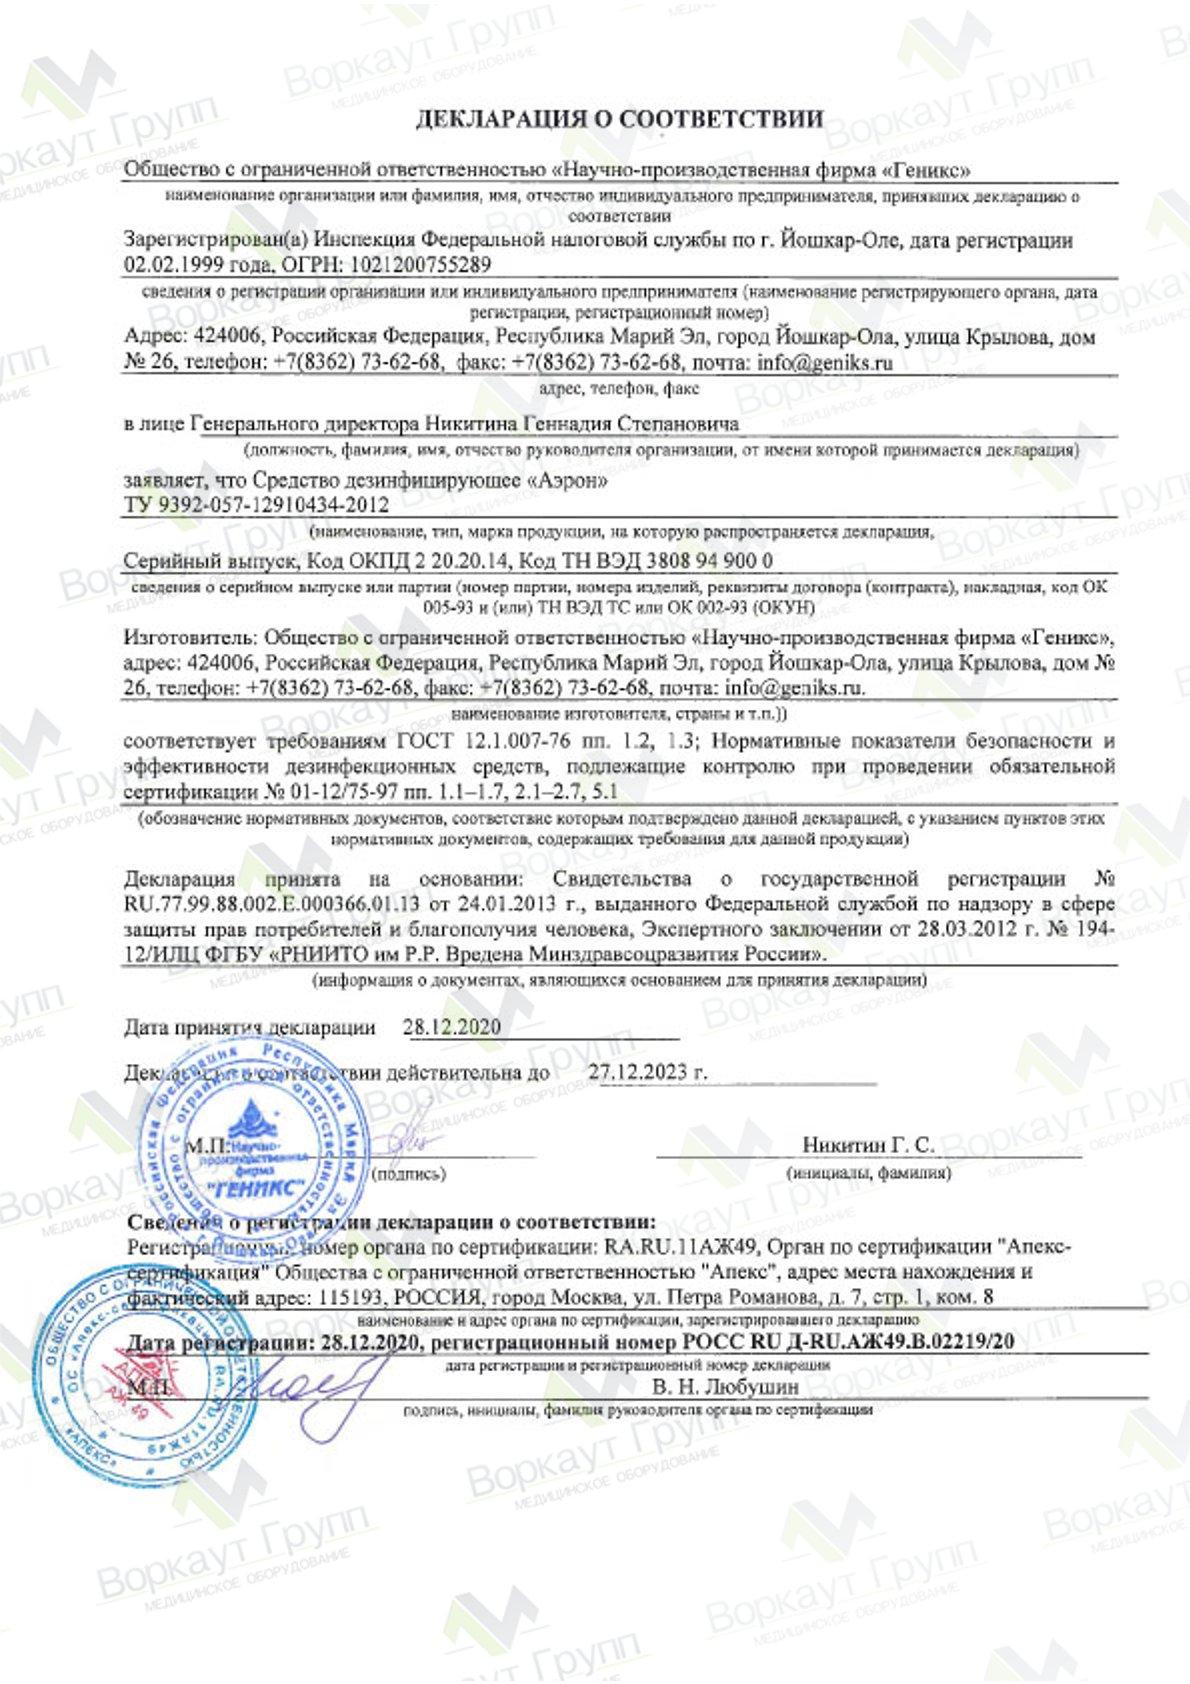 АЭРОН (декларация)